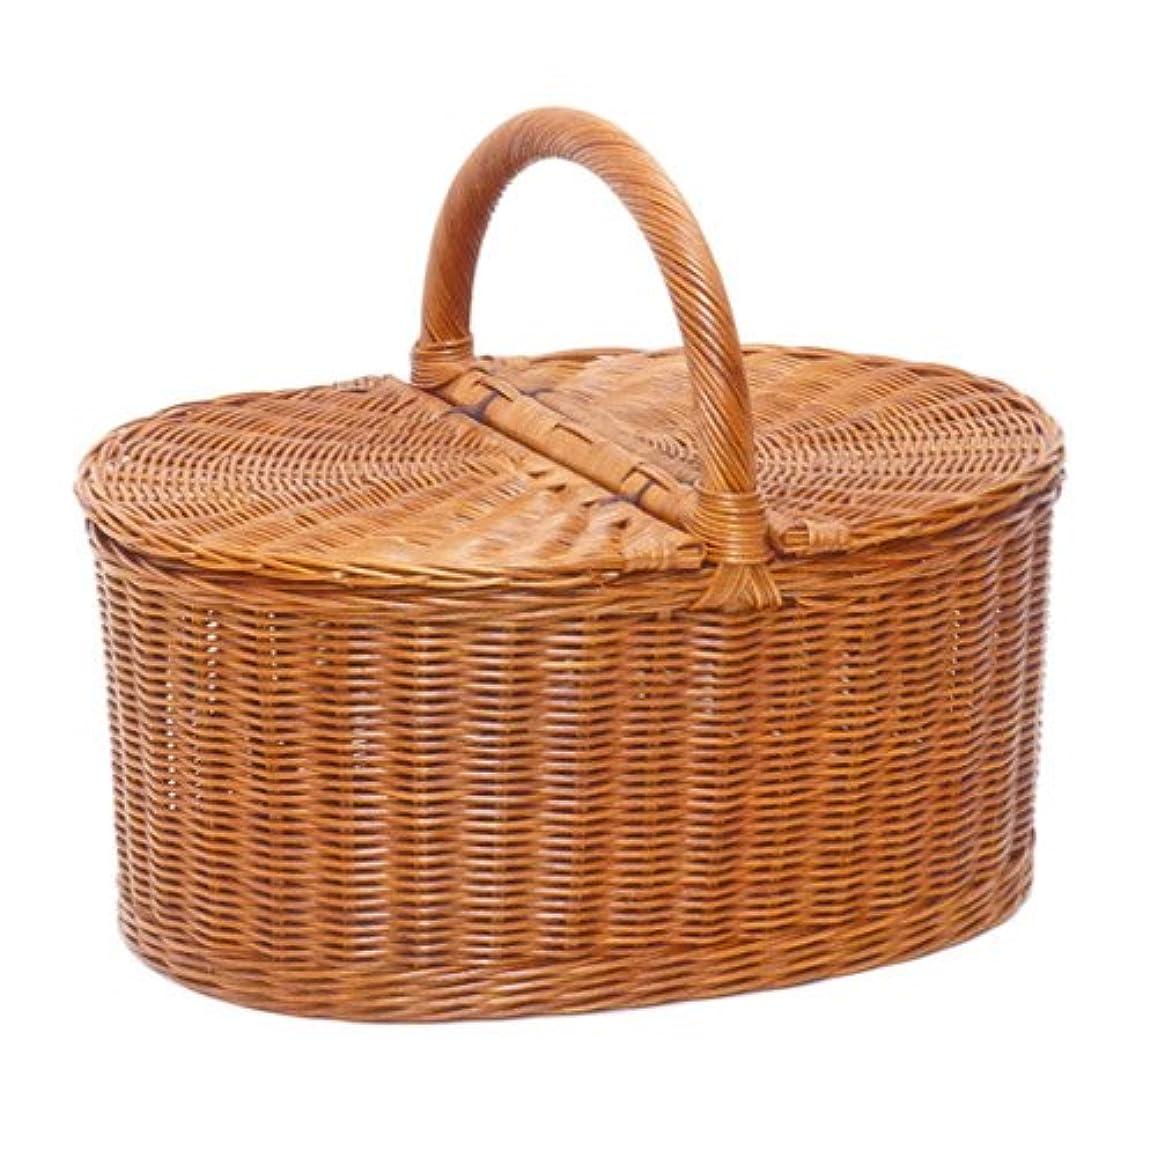 ショートカットラップ契約したすす竹アジロ編み おむすび篭